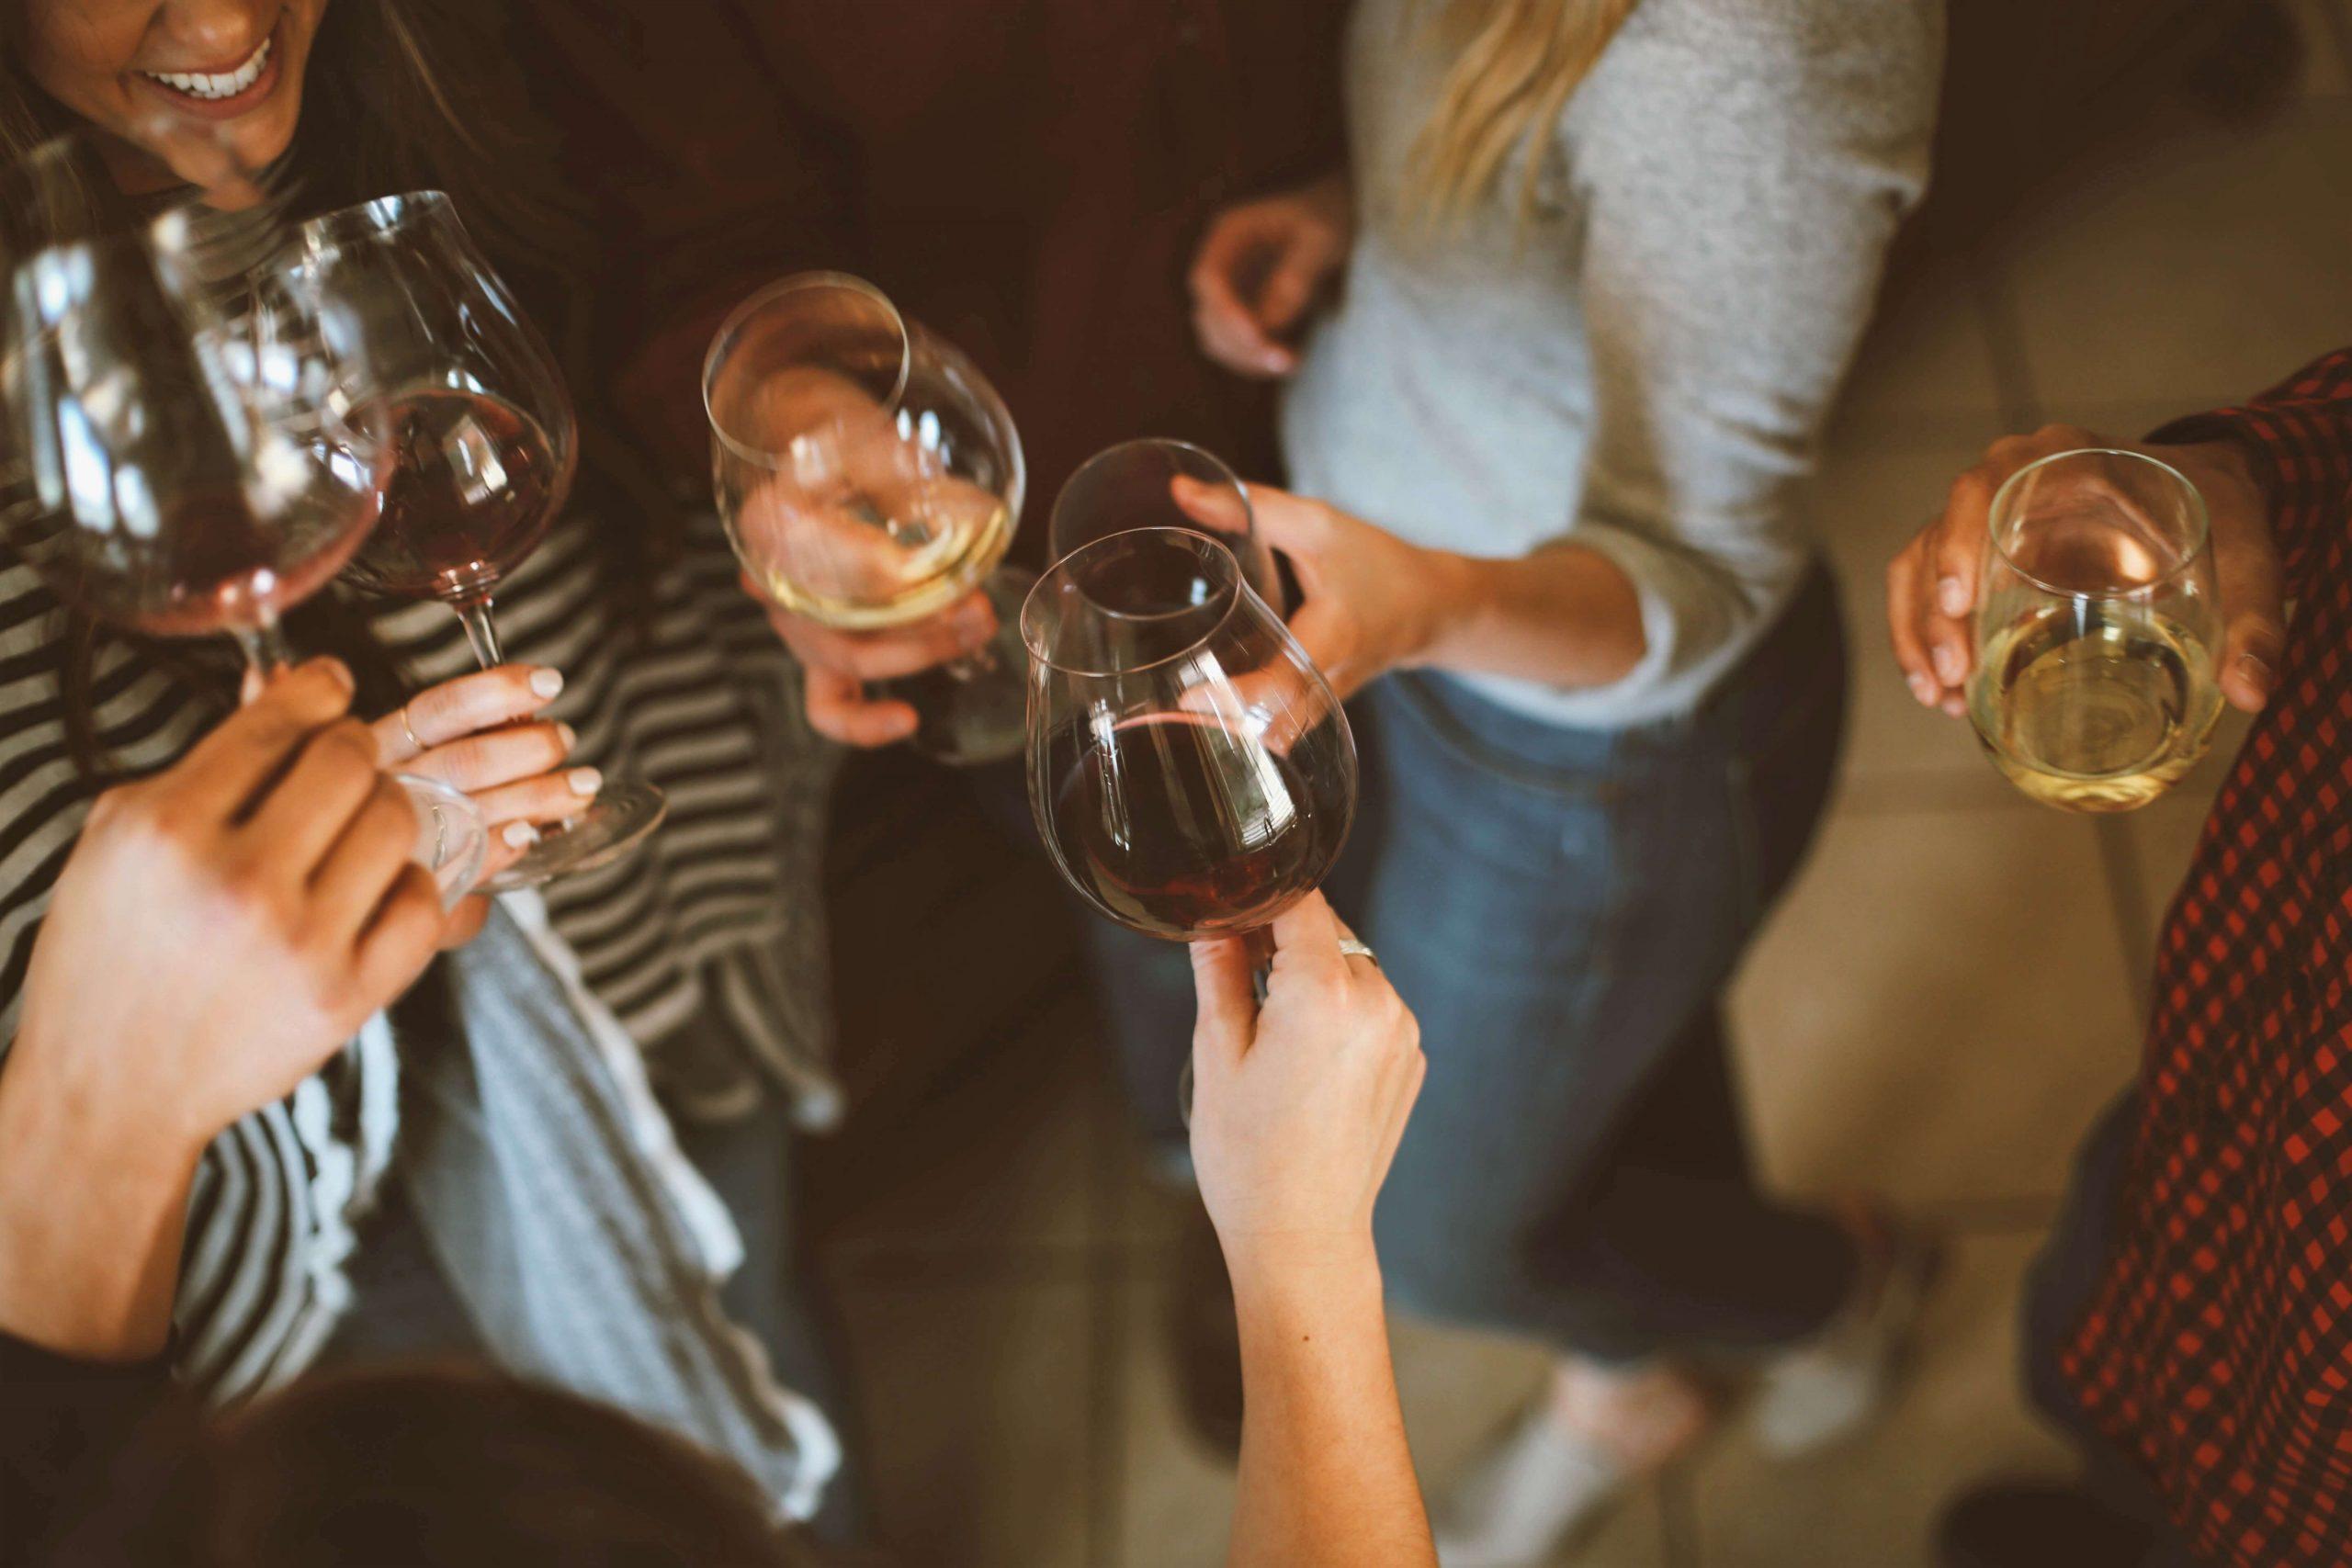 Kvinner og vin – flere damer i vinverden